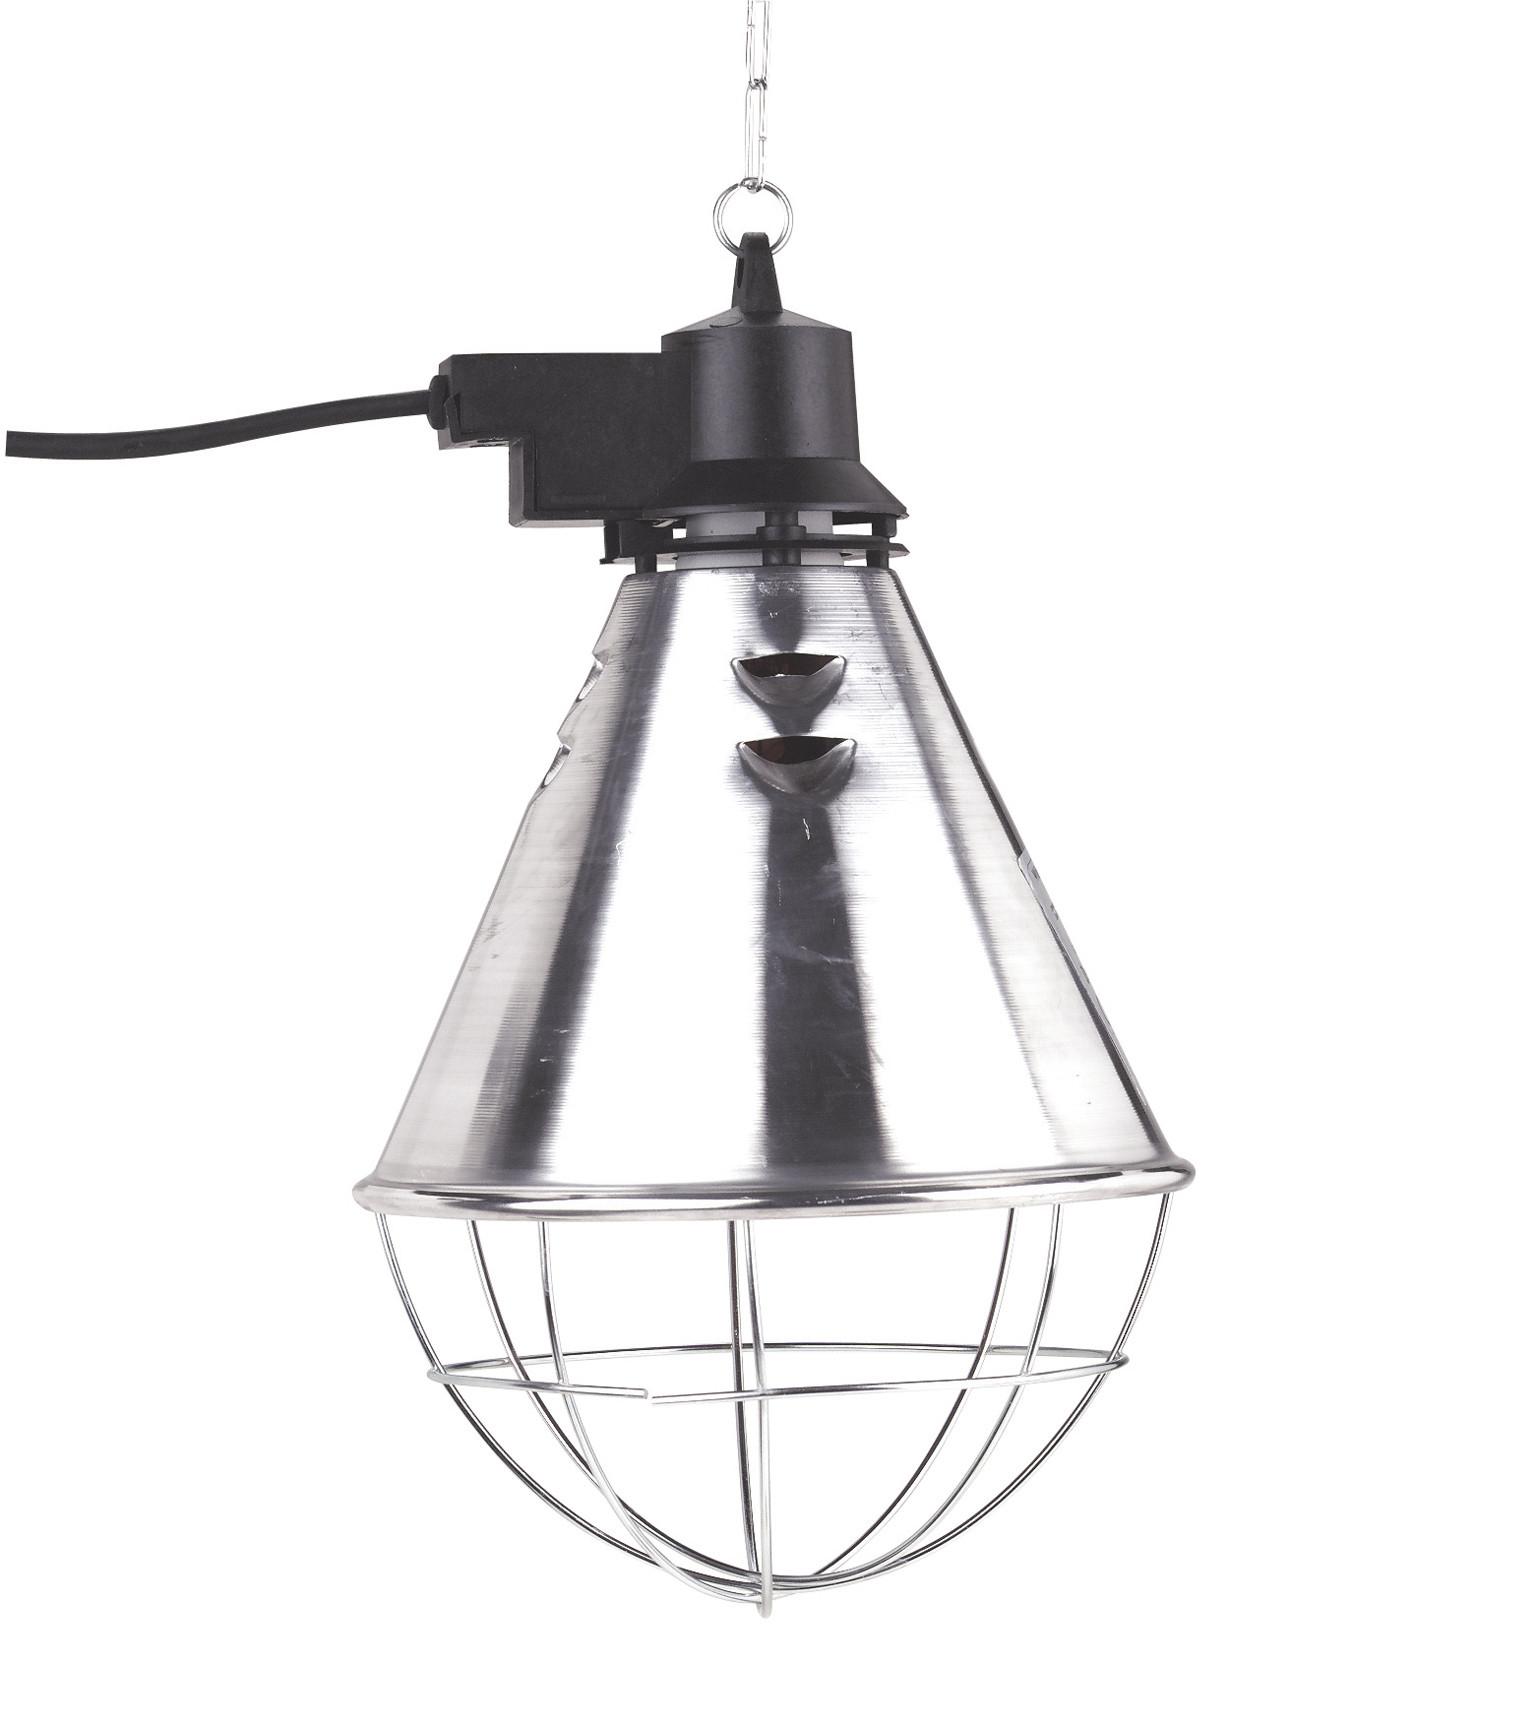 Protecteur de lampe infrarouge 2,5m